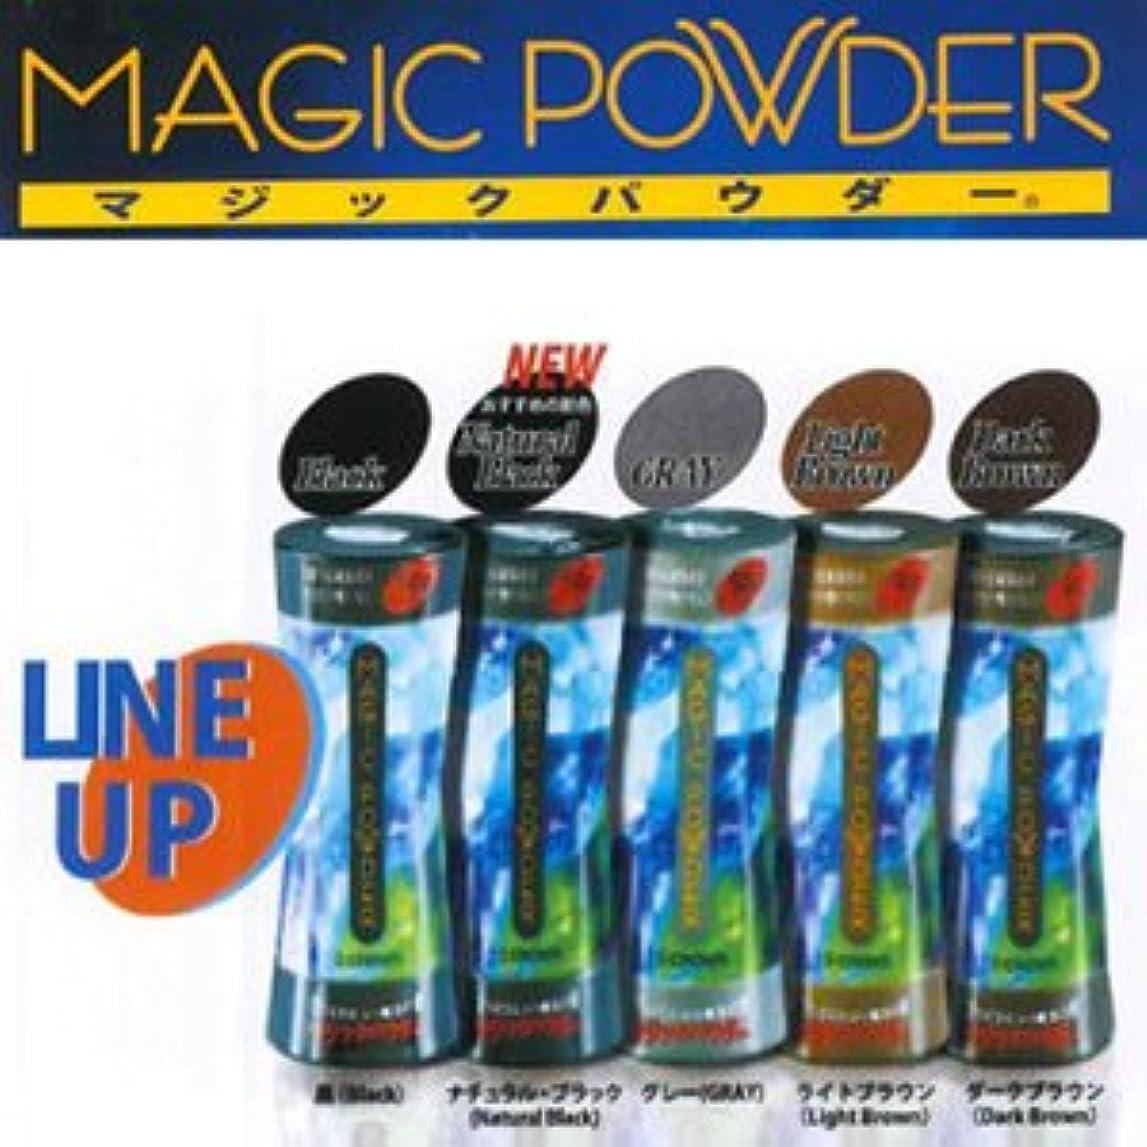 会計クラウドマングルMAGIC POWDER マジックパウダー ナチュラル?ブラック 50g 2個セット ※貴方の髪を簡単ボリュームアップ!